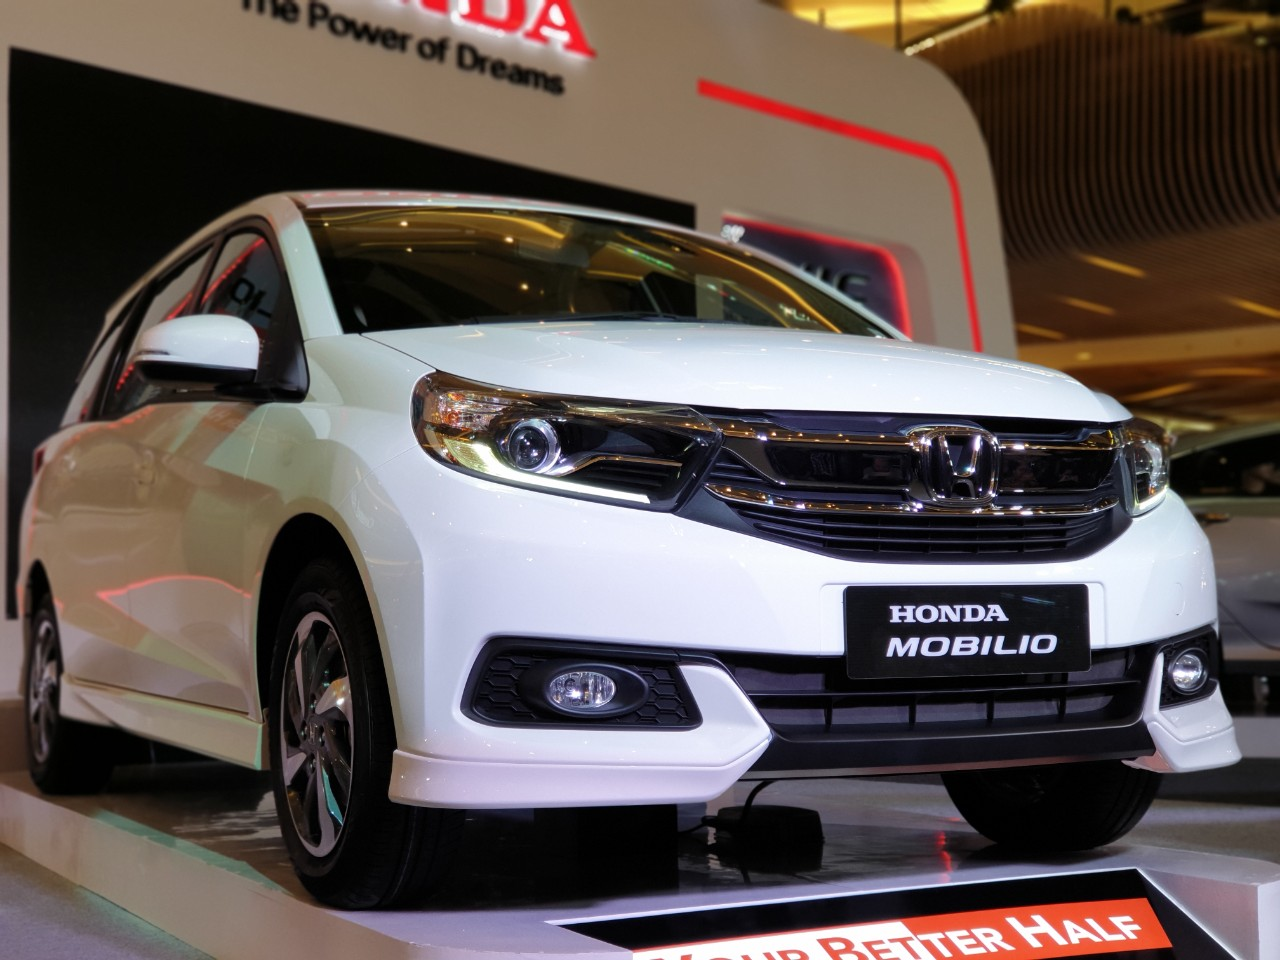 Dunia Berputar, Honda Pasrah Kalau Mobilio Melemah